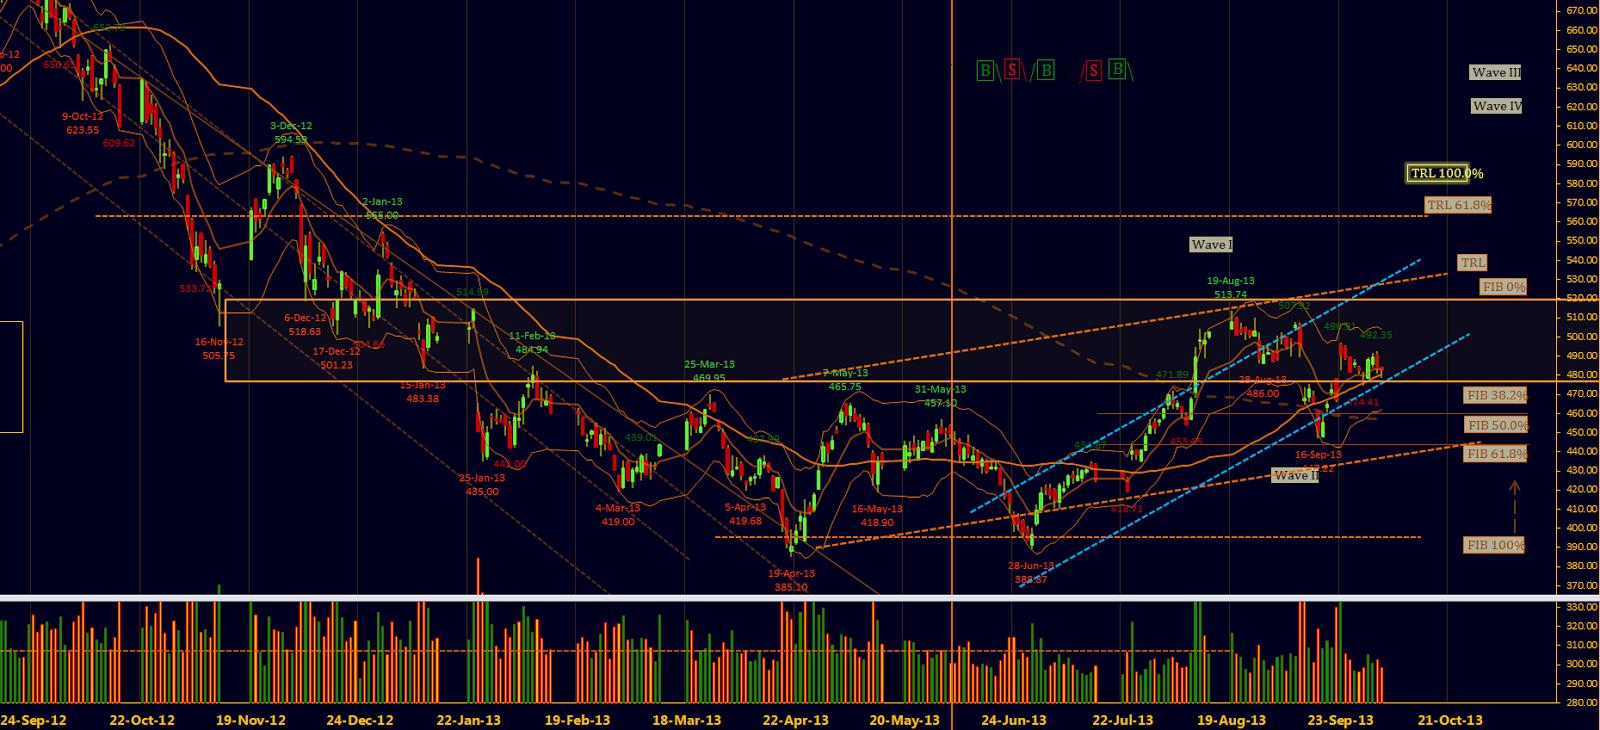 Market Profile analysis – Stock Market Analysis